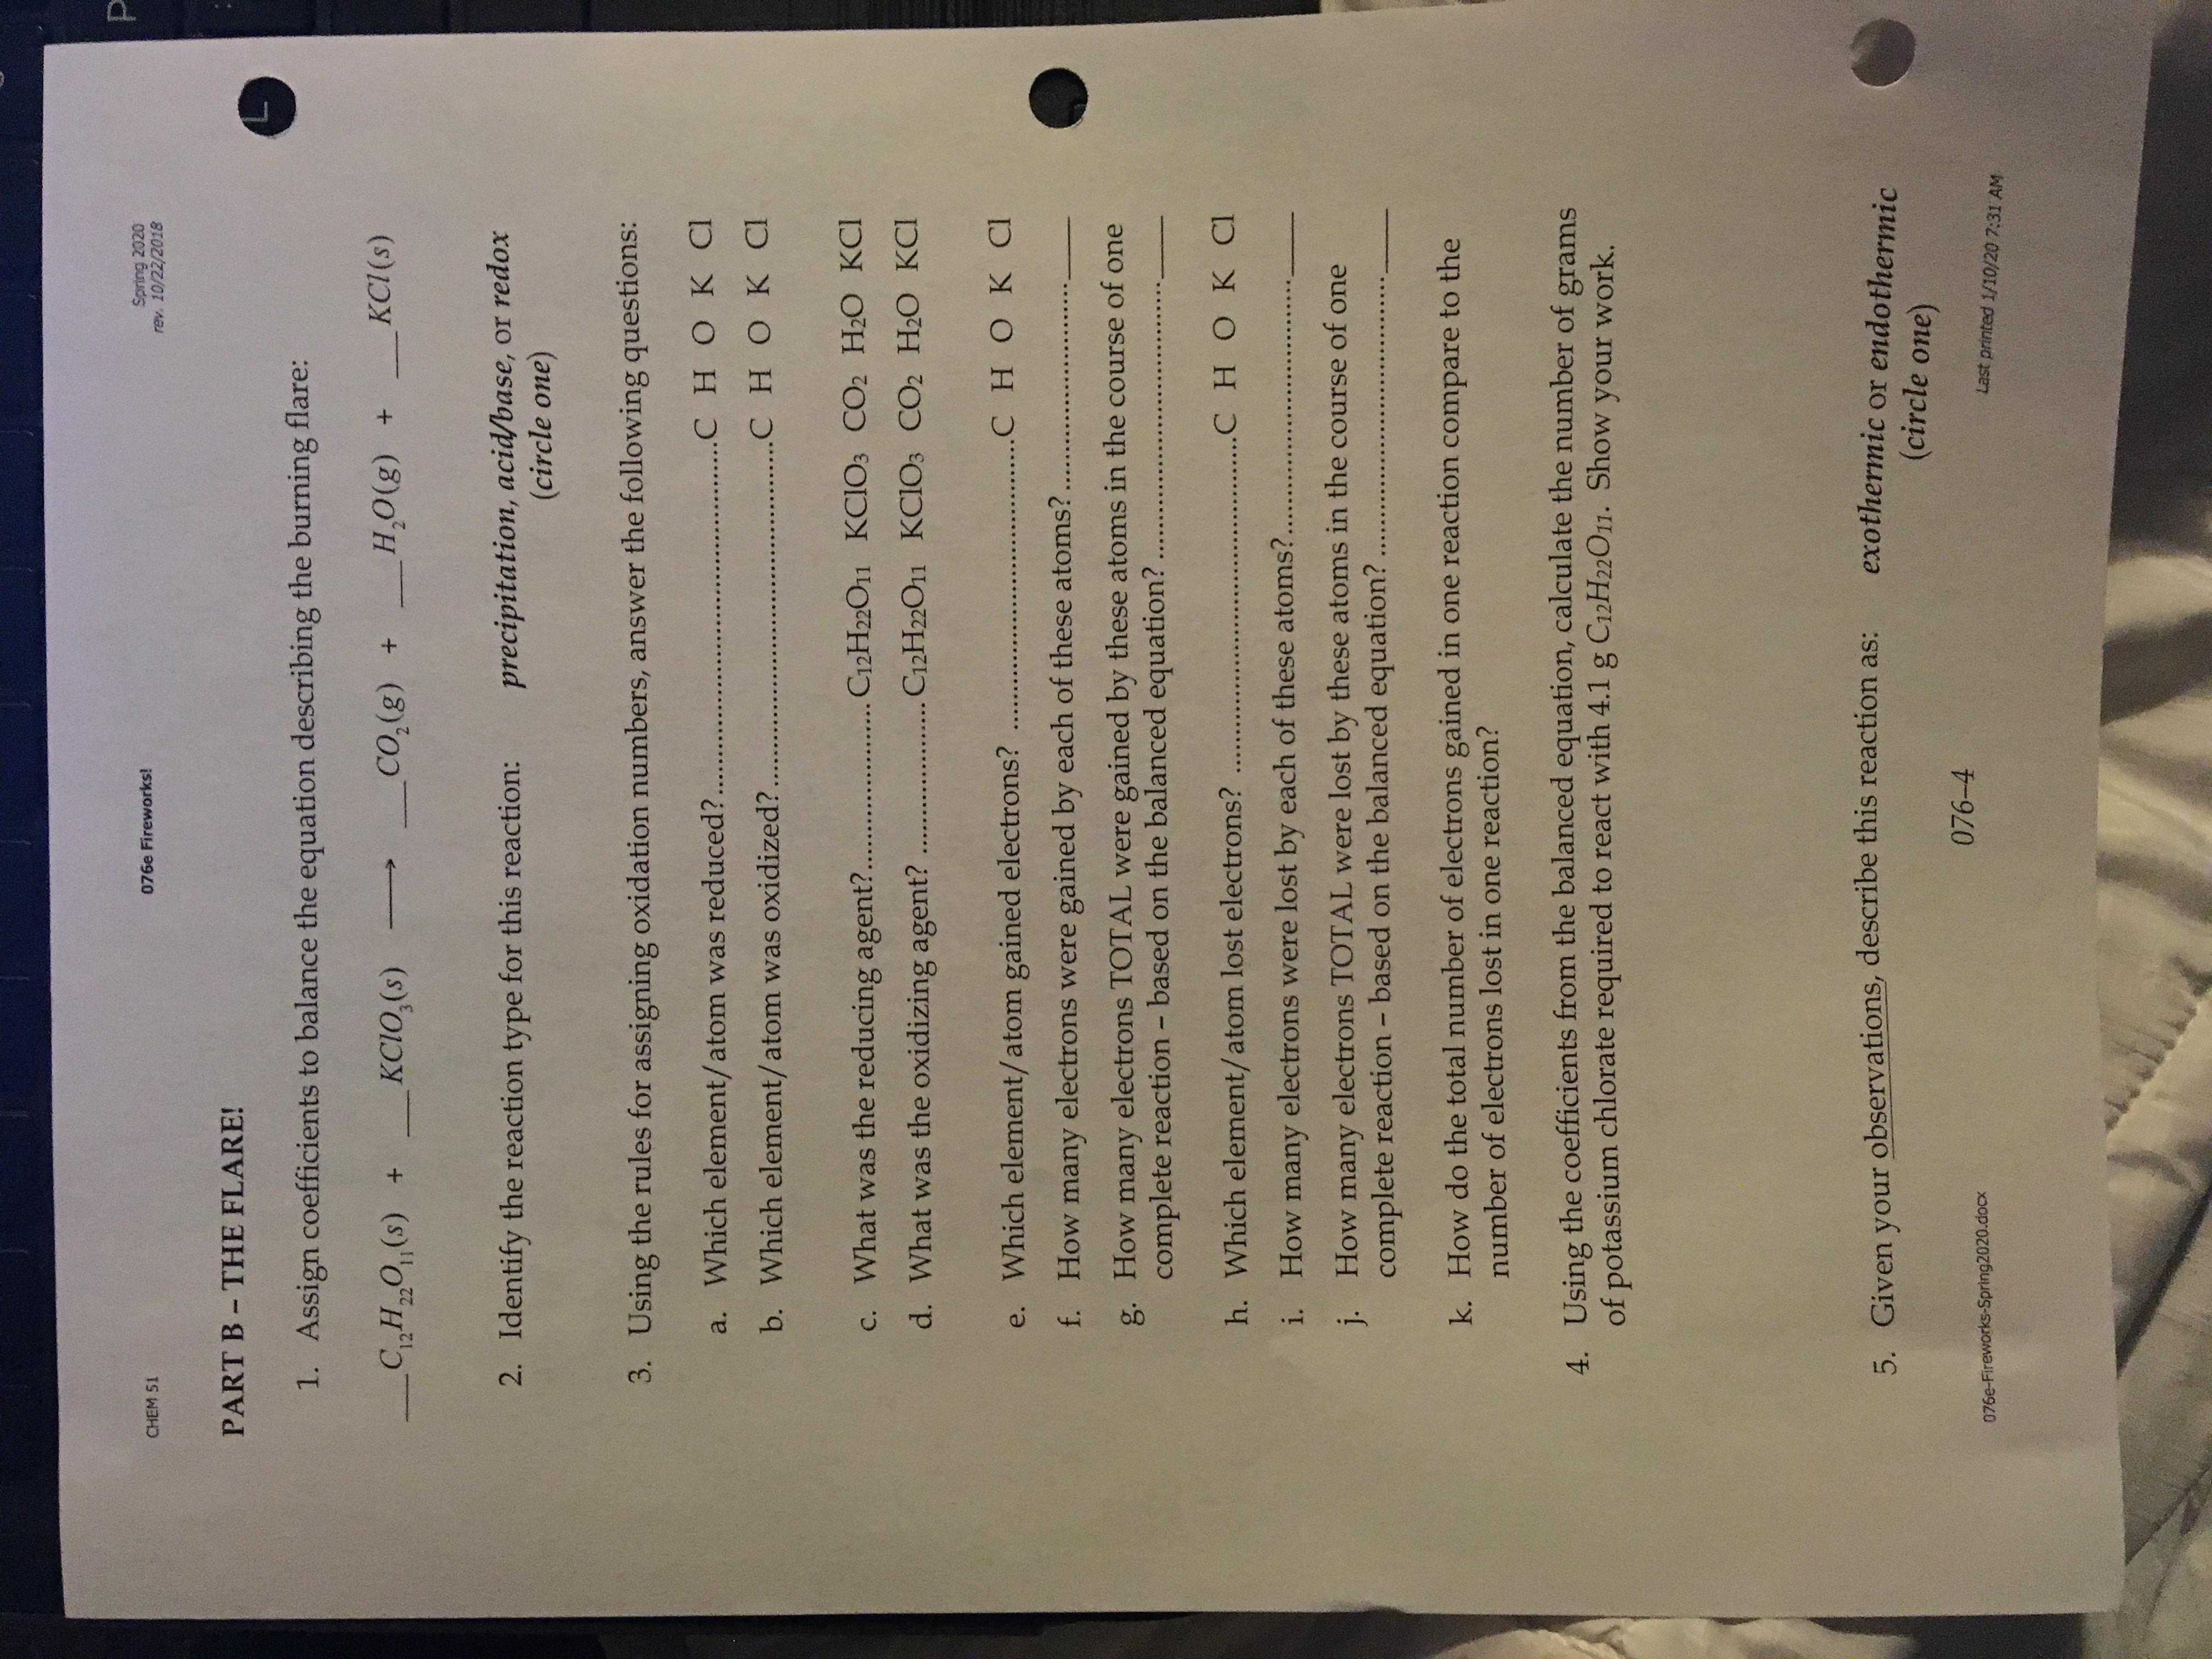 Answered Spring Rev 10 22 Chem 51